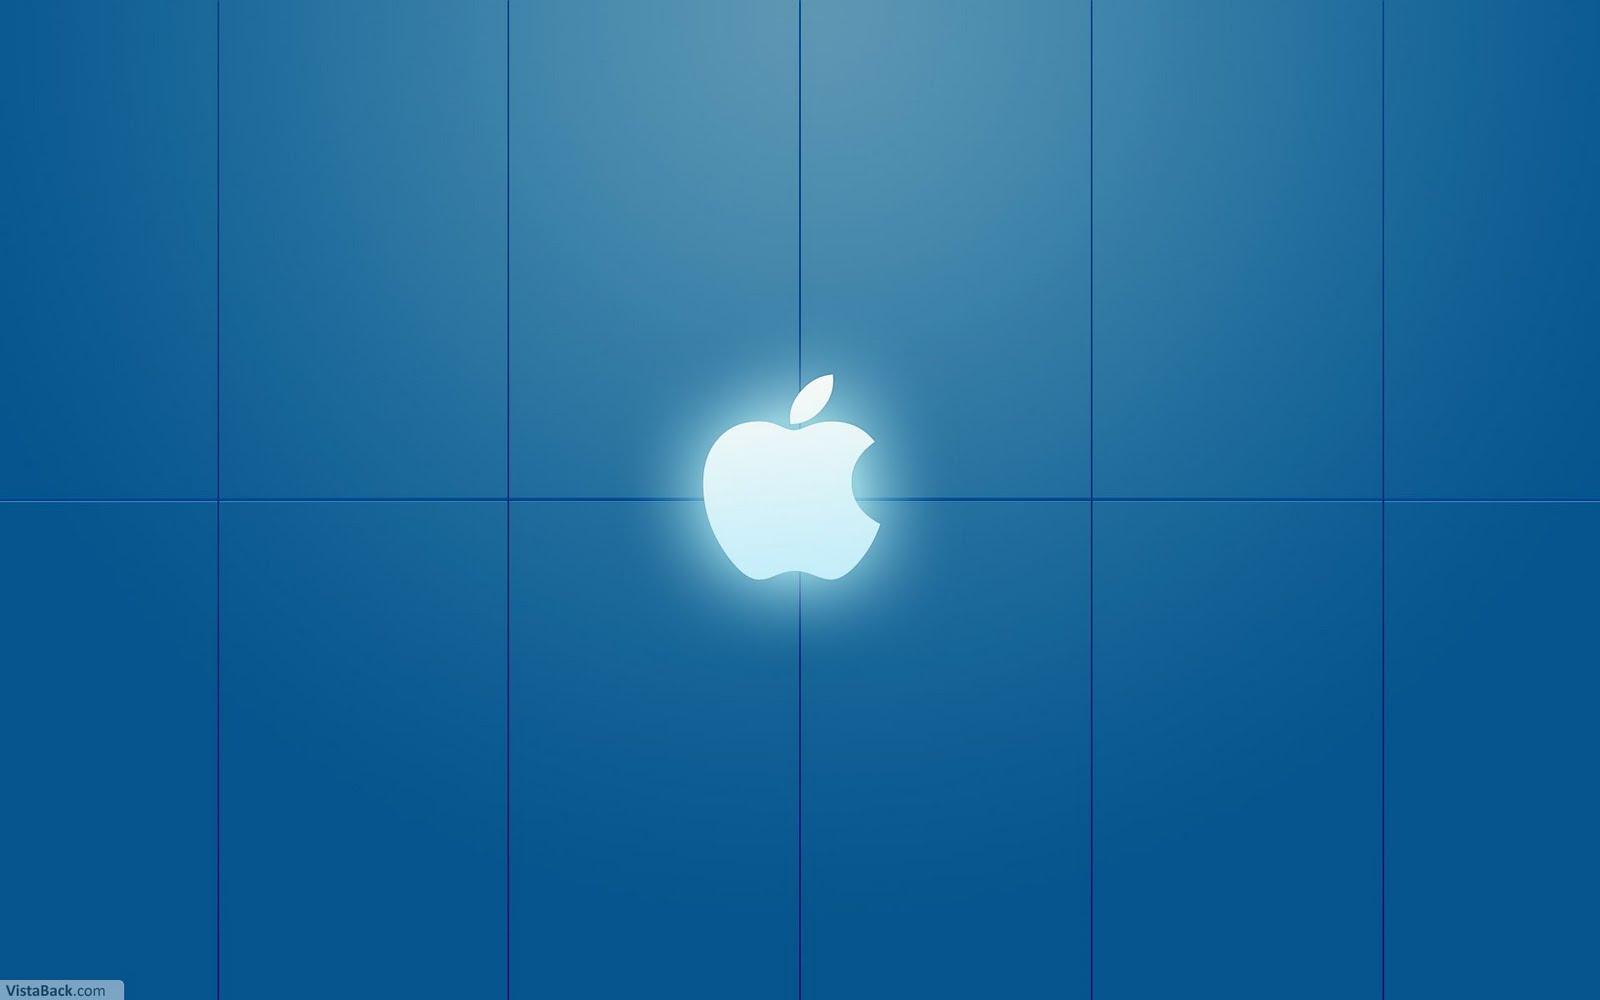 mac wallpaper won't change